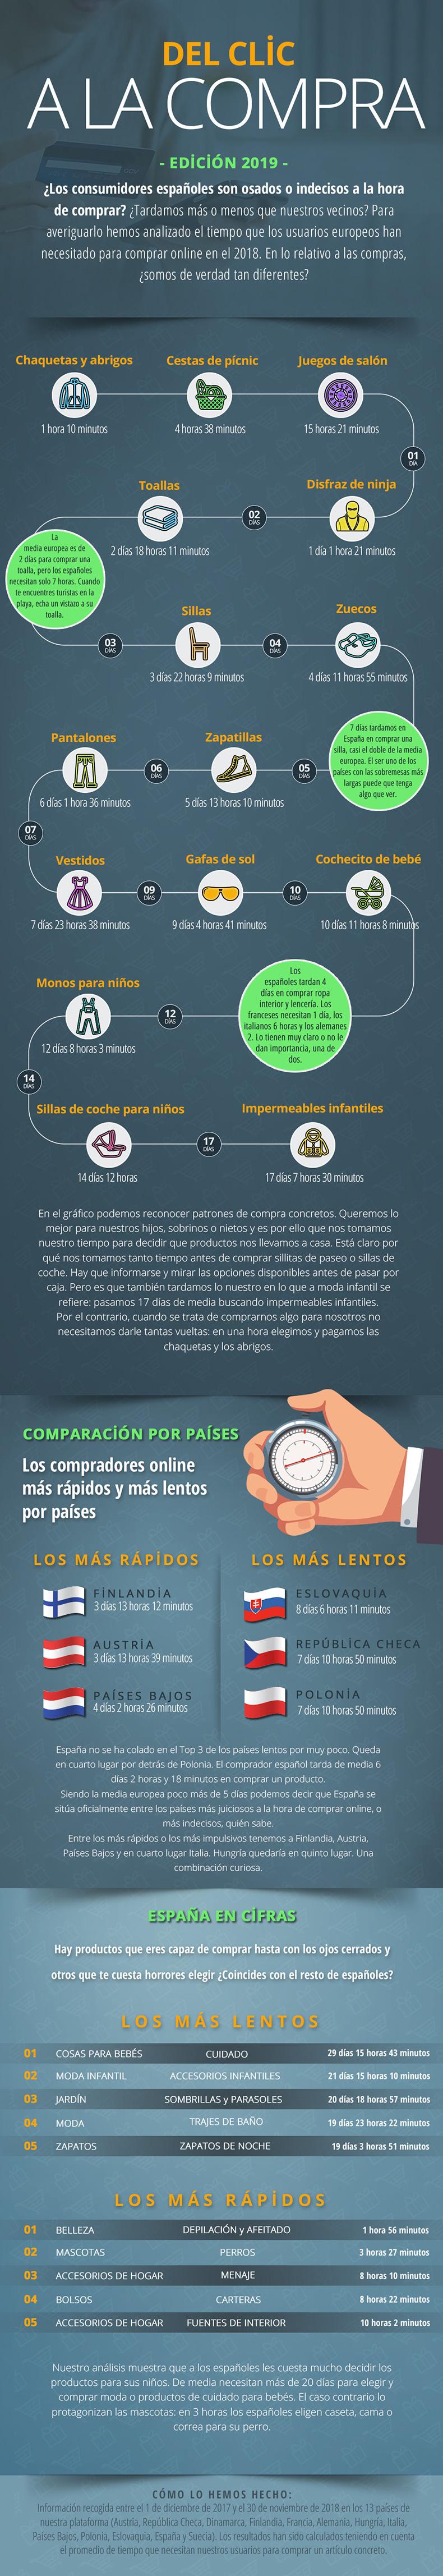 Infografia-del-clic-a-la-compra